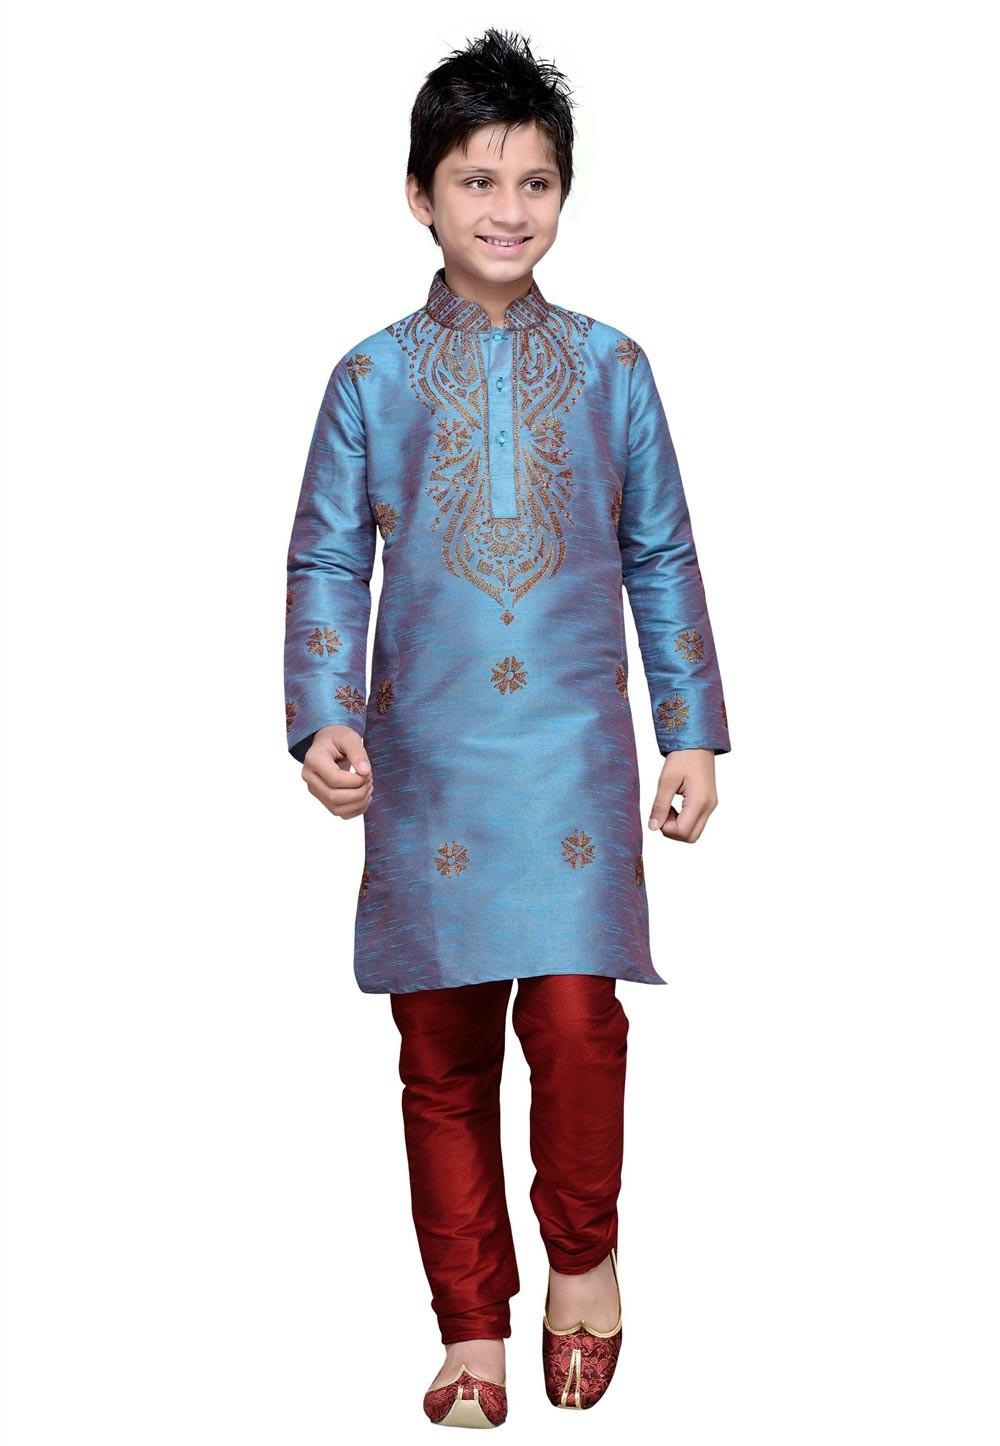 Blue Color Cotton Boy's Kurta Pajama.